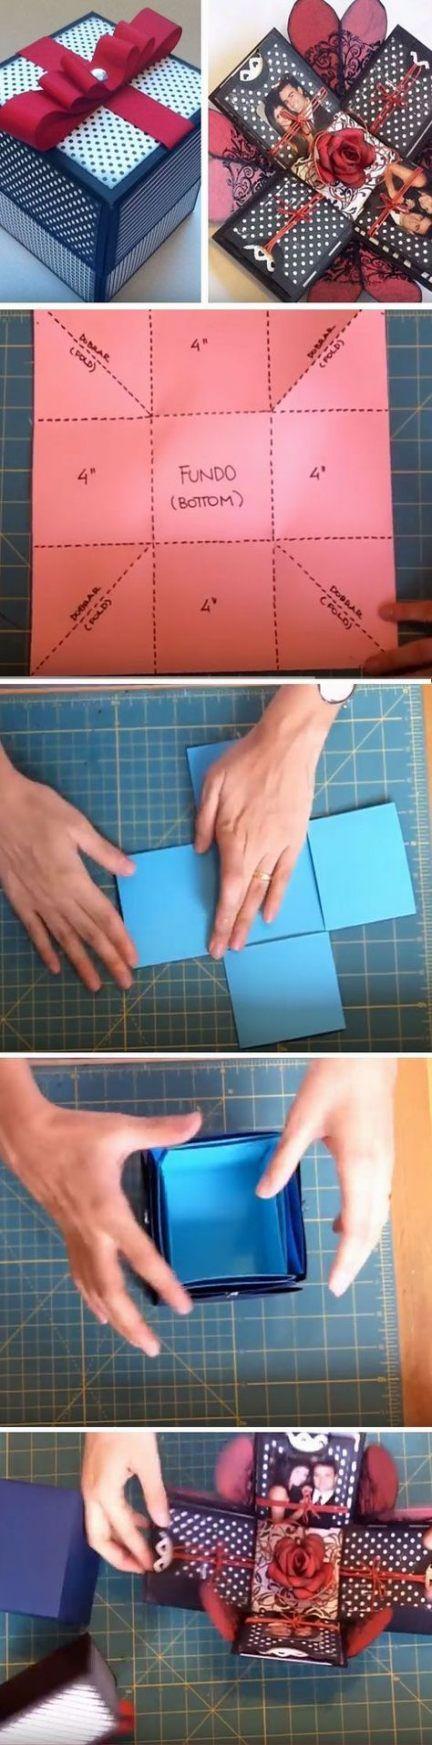 Gifts For Boyfriend Handmade For Men 50+ Ideas